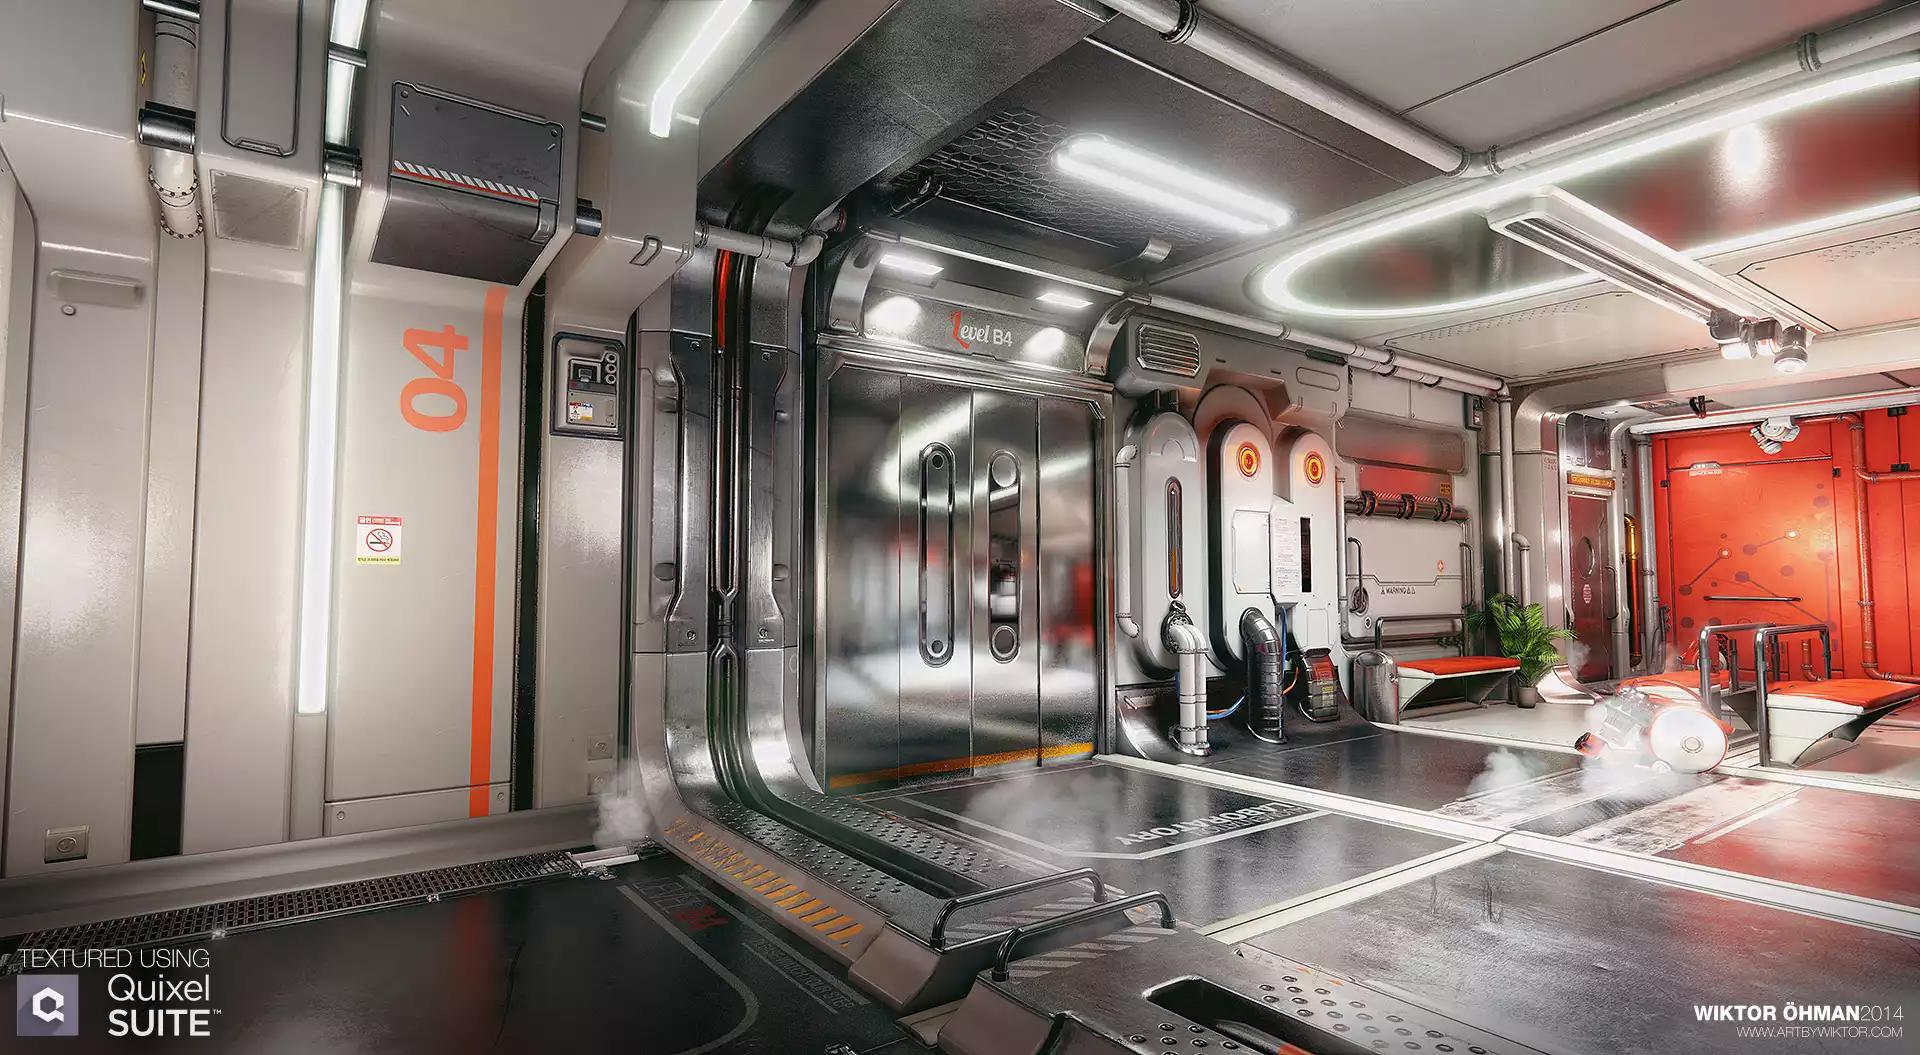 Deus Ex Environement développé par Wiktor Ohman